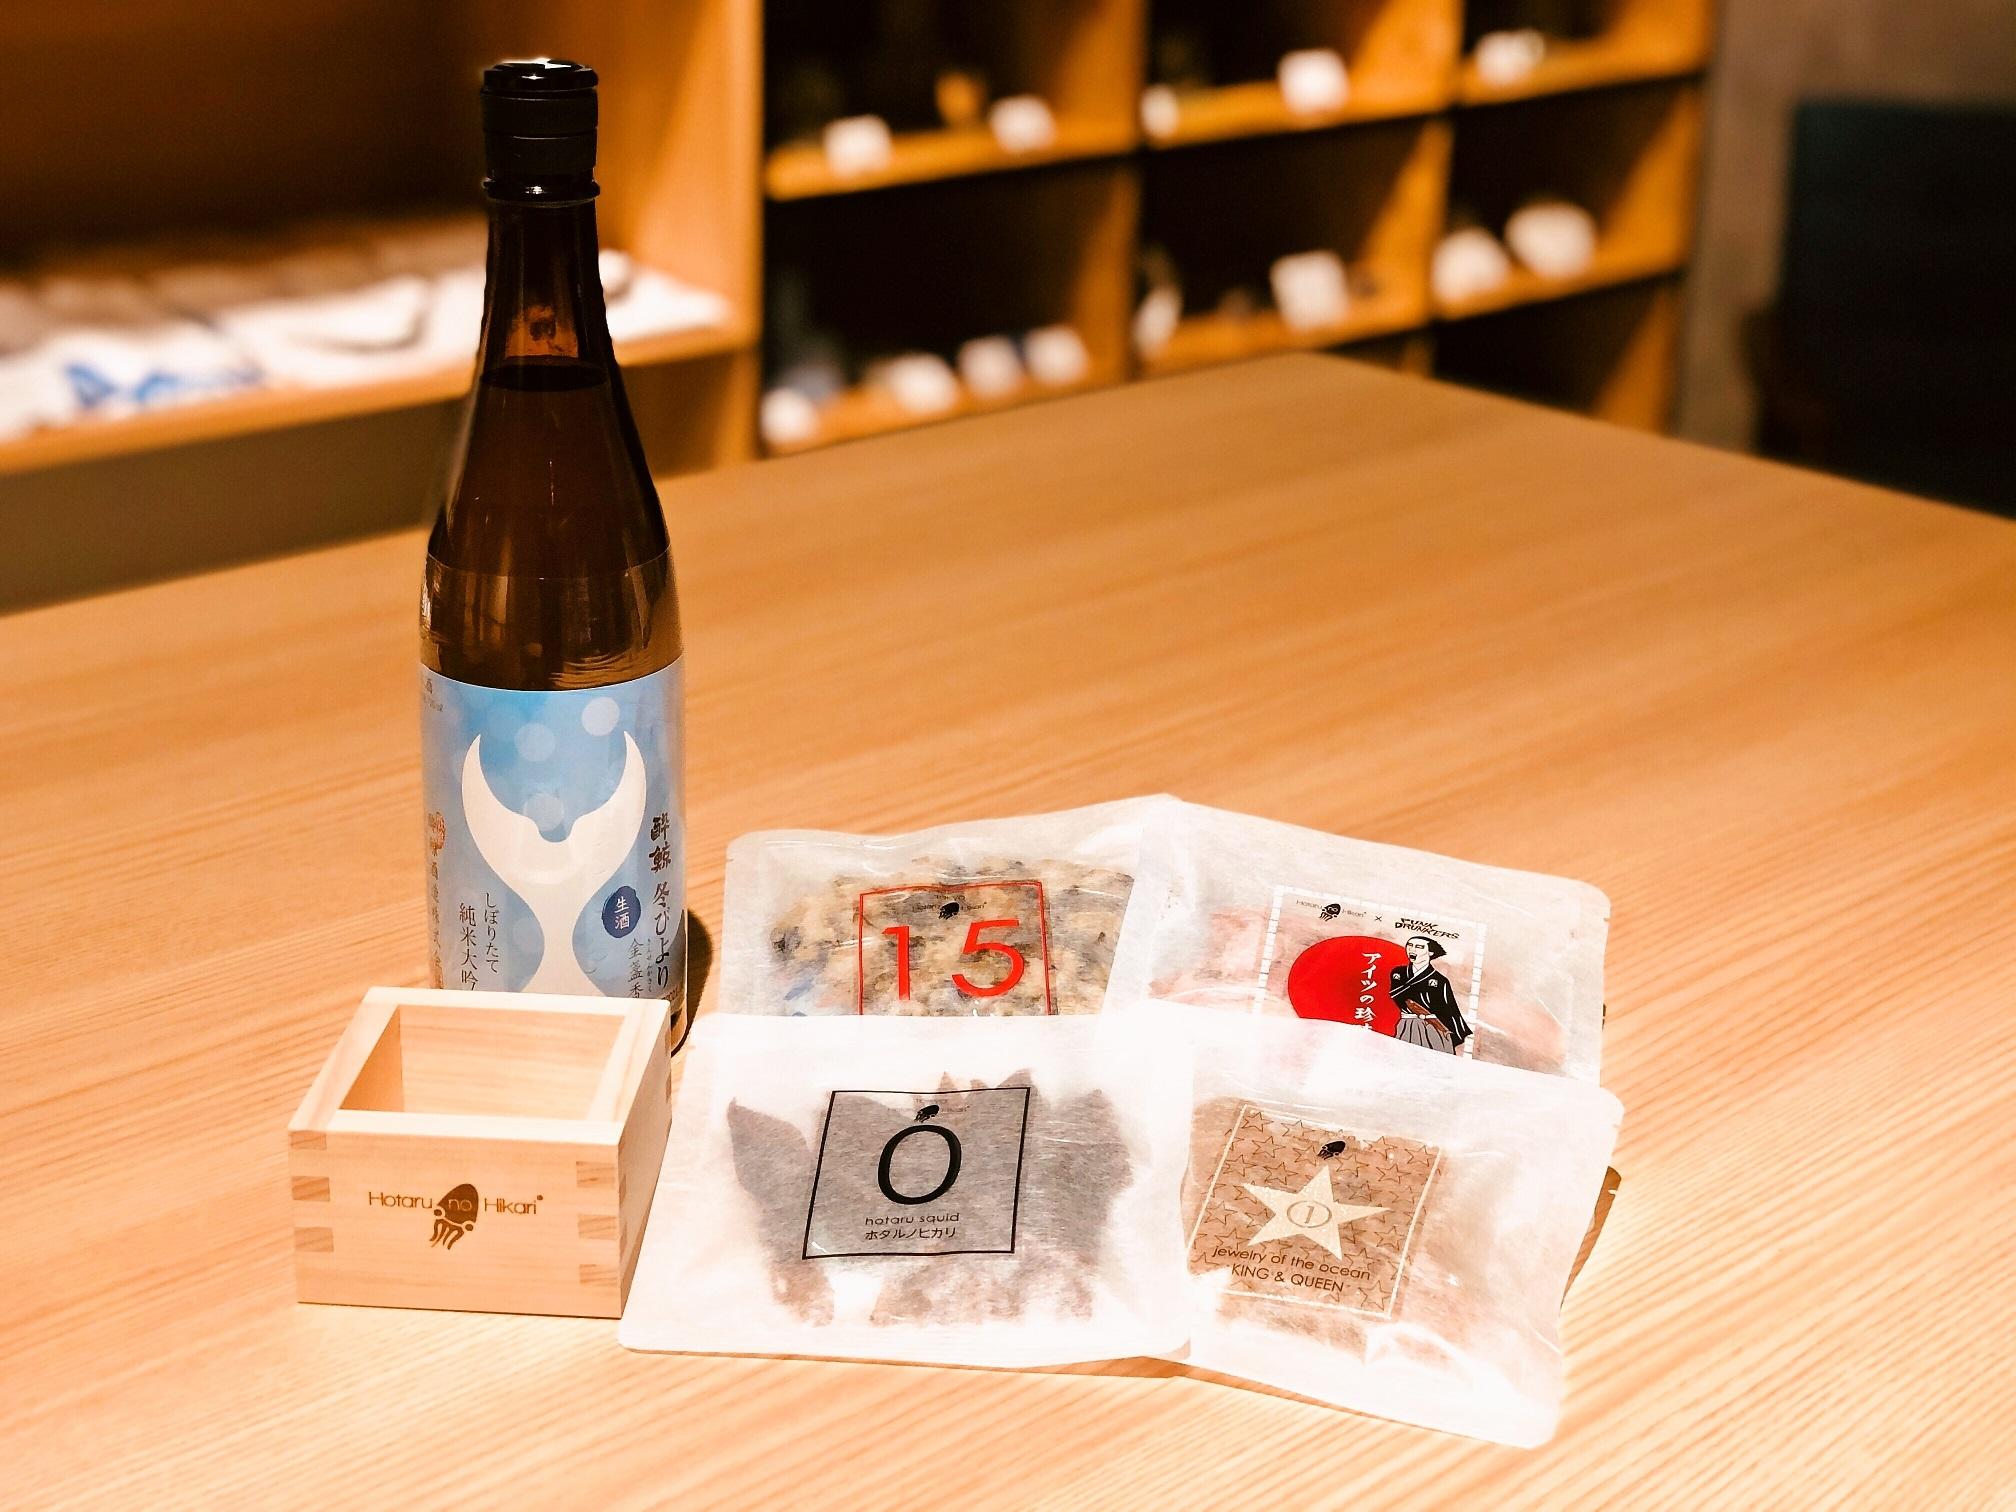 【限定10セット】冬季限定しぼりたて生酒&厳選おつまみセット ¥ 9,900